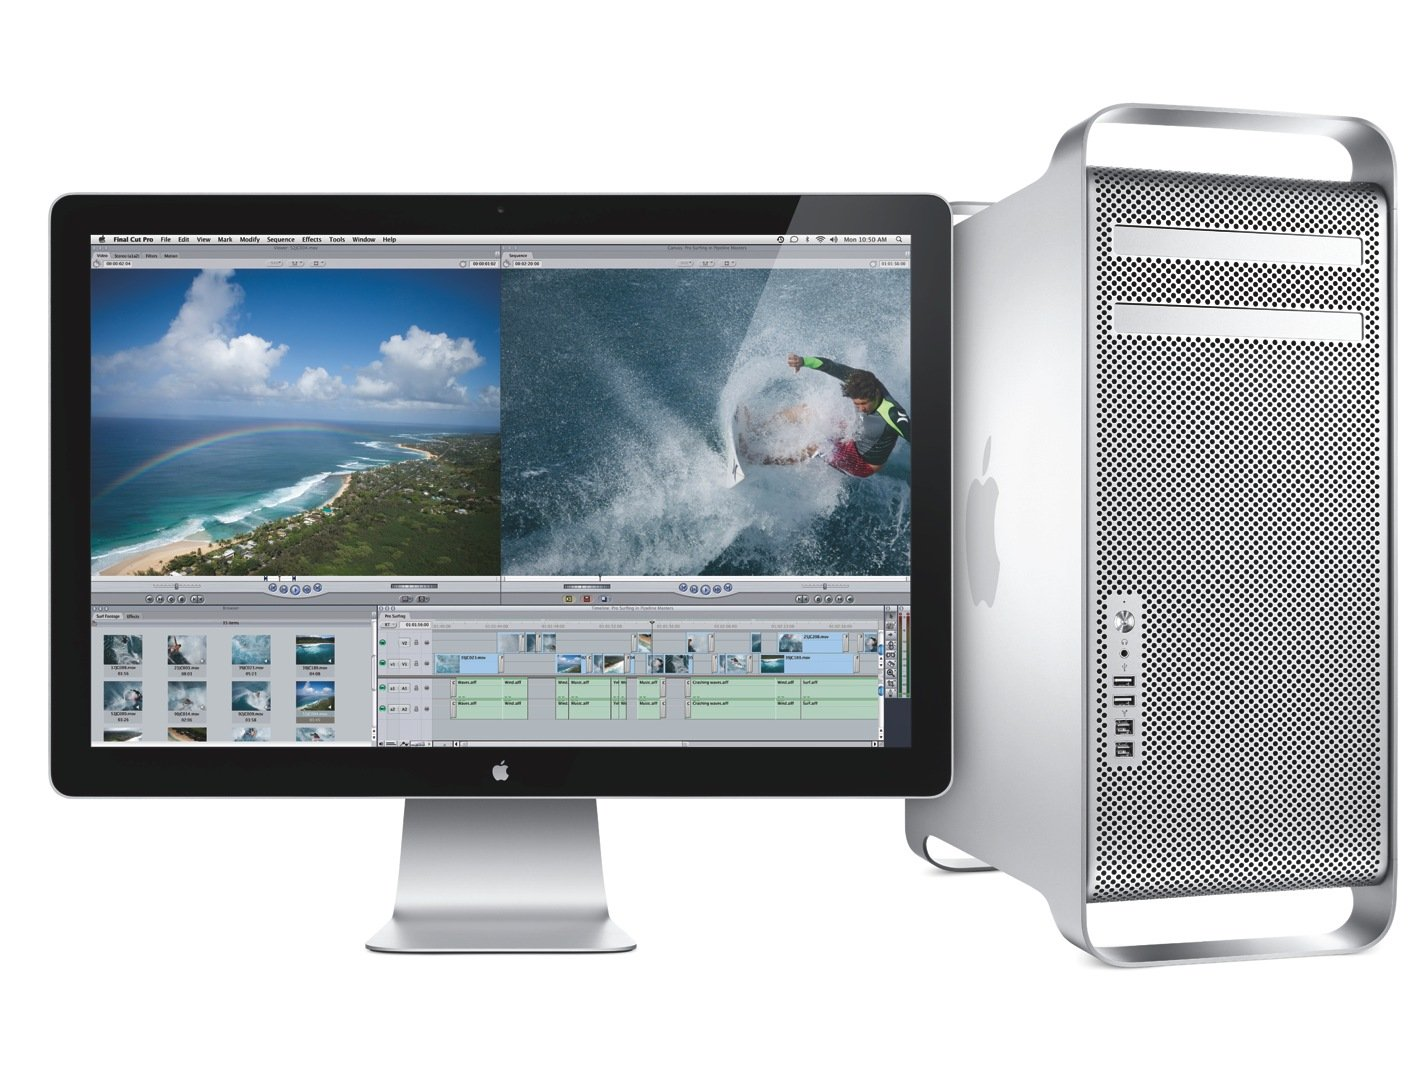 2009 mac pro efi firmware update